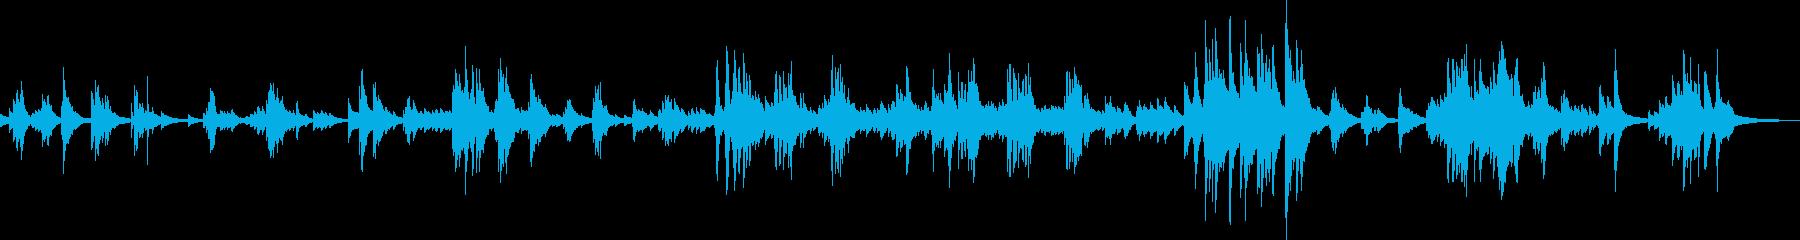 切ないピアノ曲(孤独・不安・悲しい)の再生済みの波形